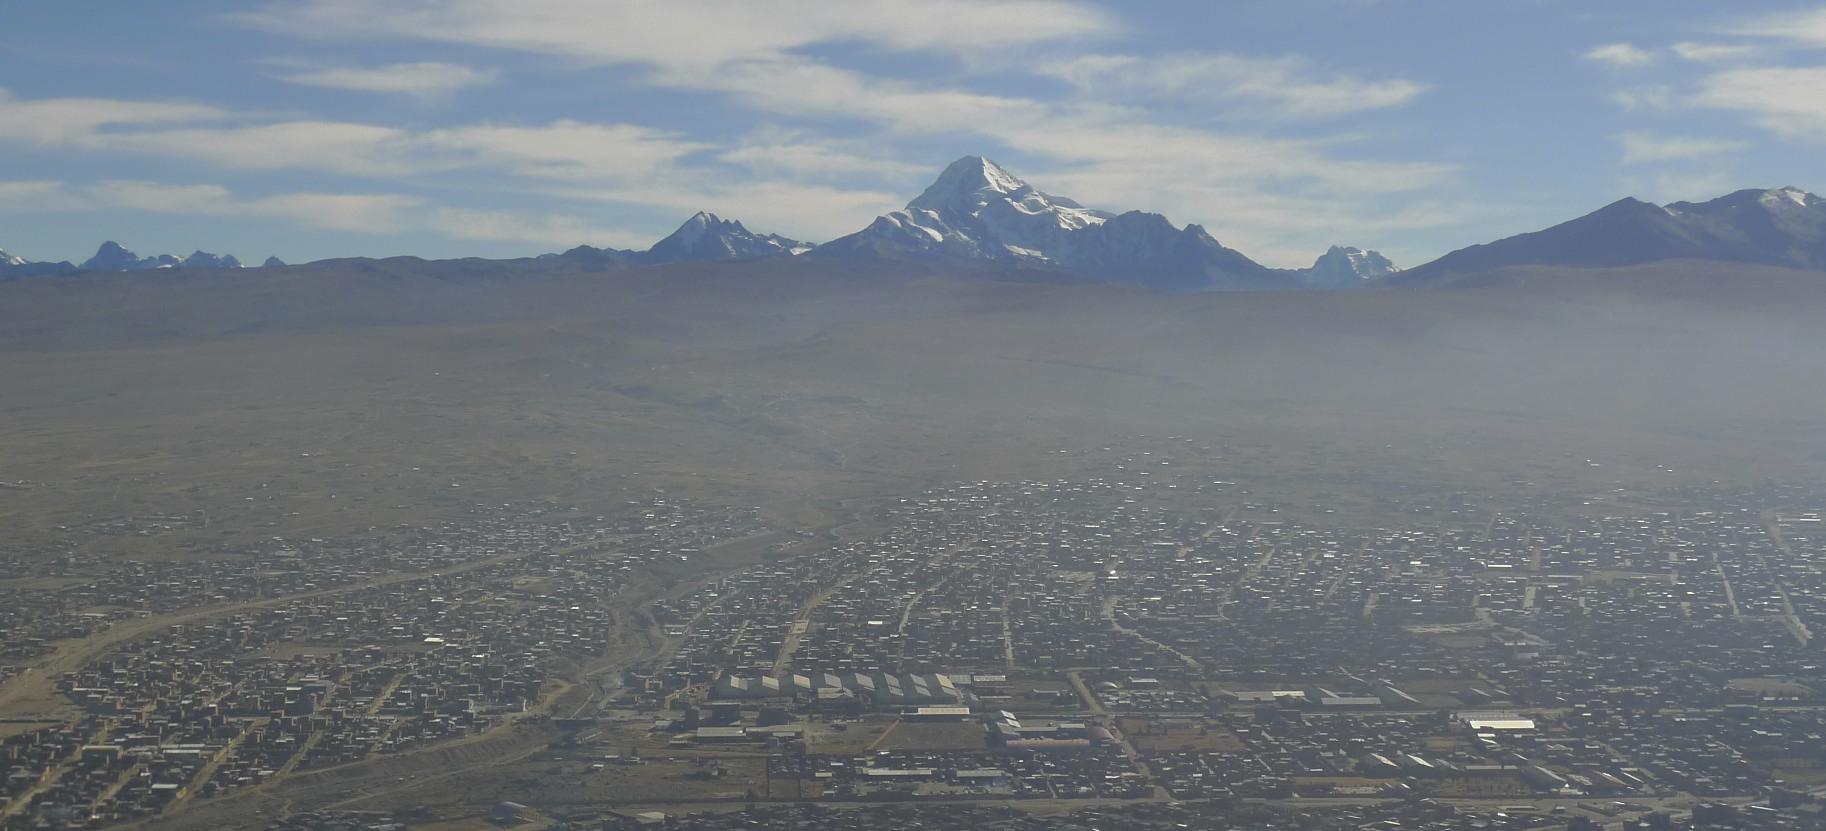 La Paz and Cordillera Real